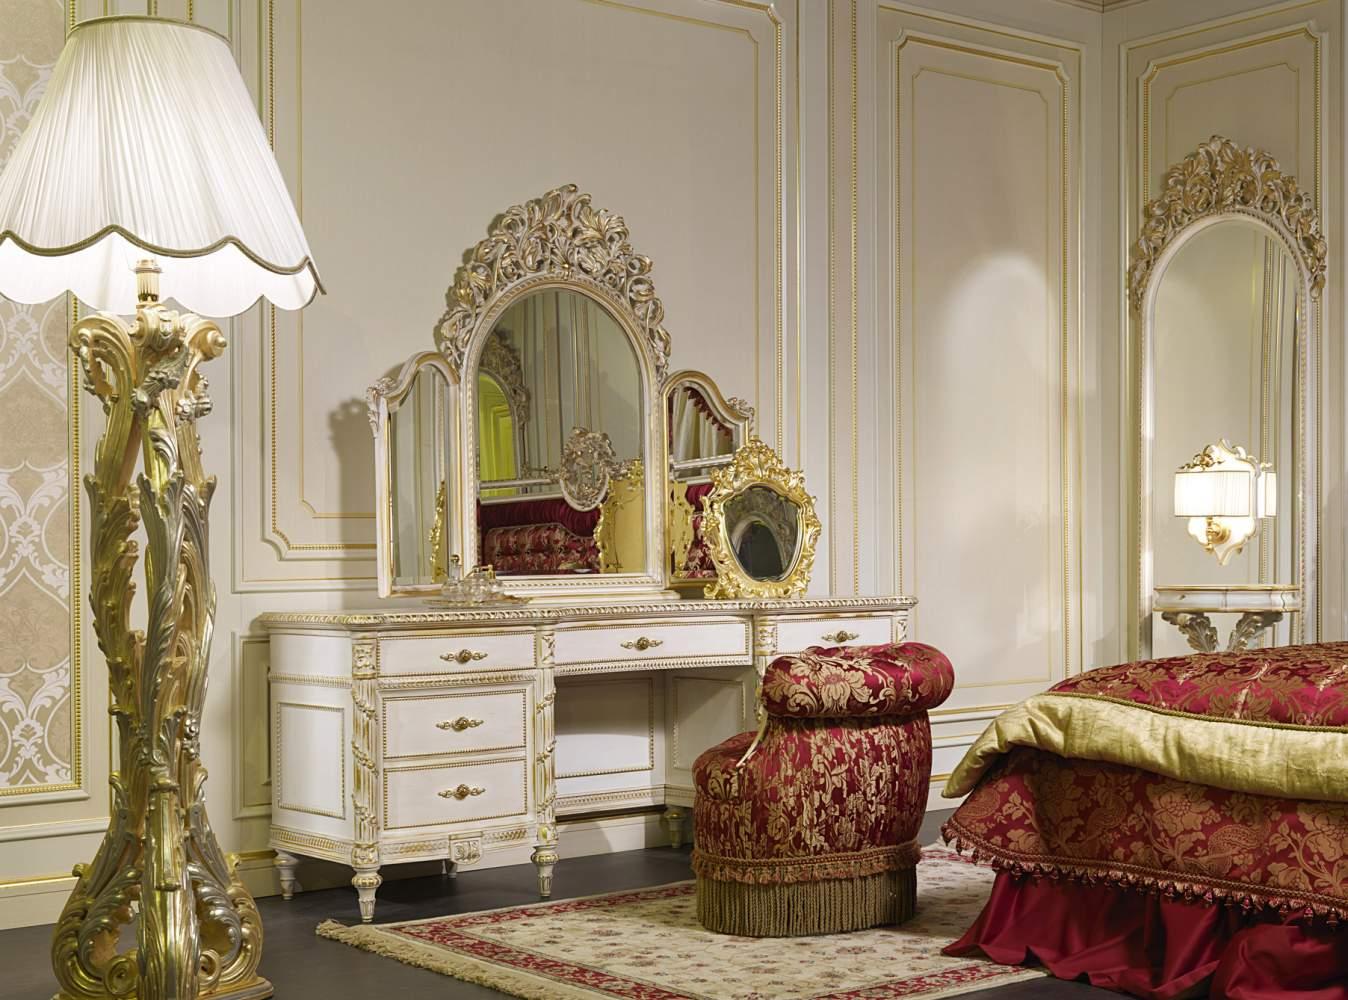 Toilette area luxury bedroom